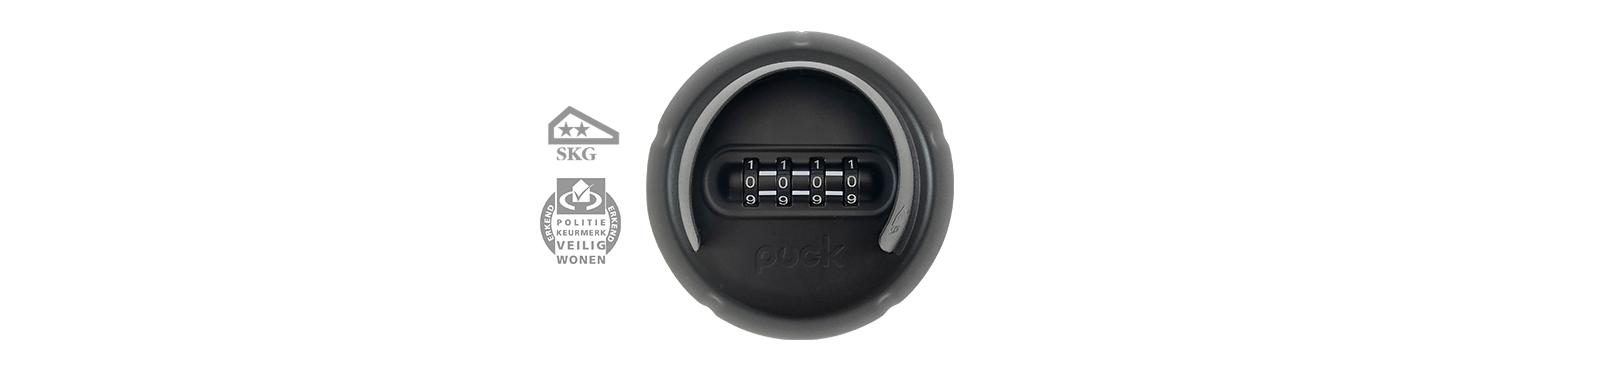 cKey Pin Plus sleutelkluisje met SKG keurmerk